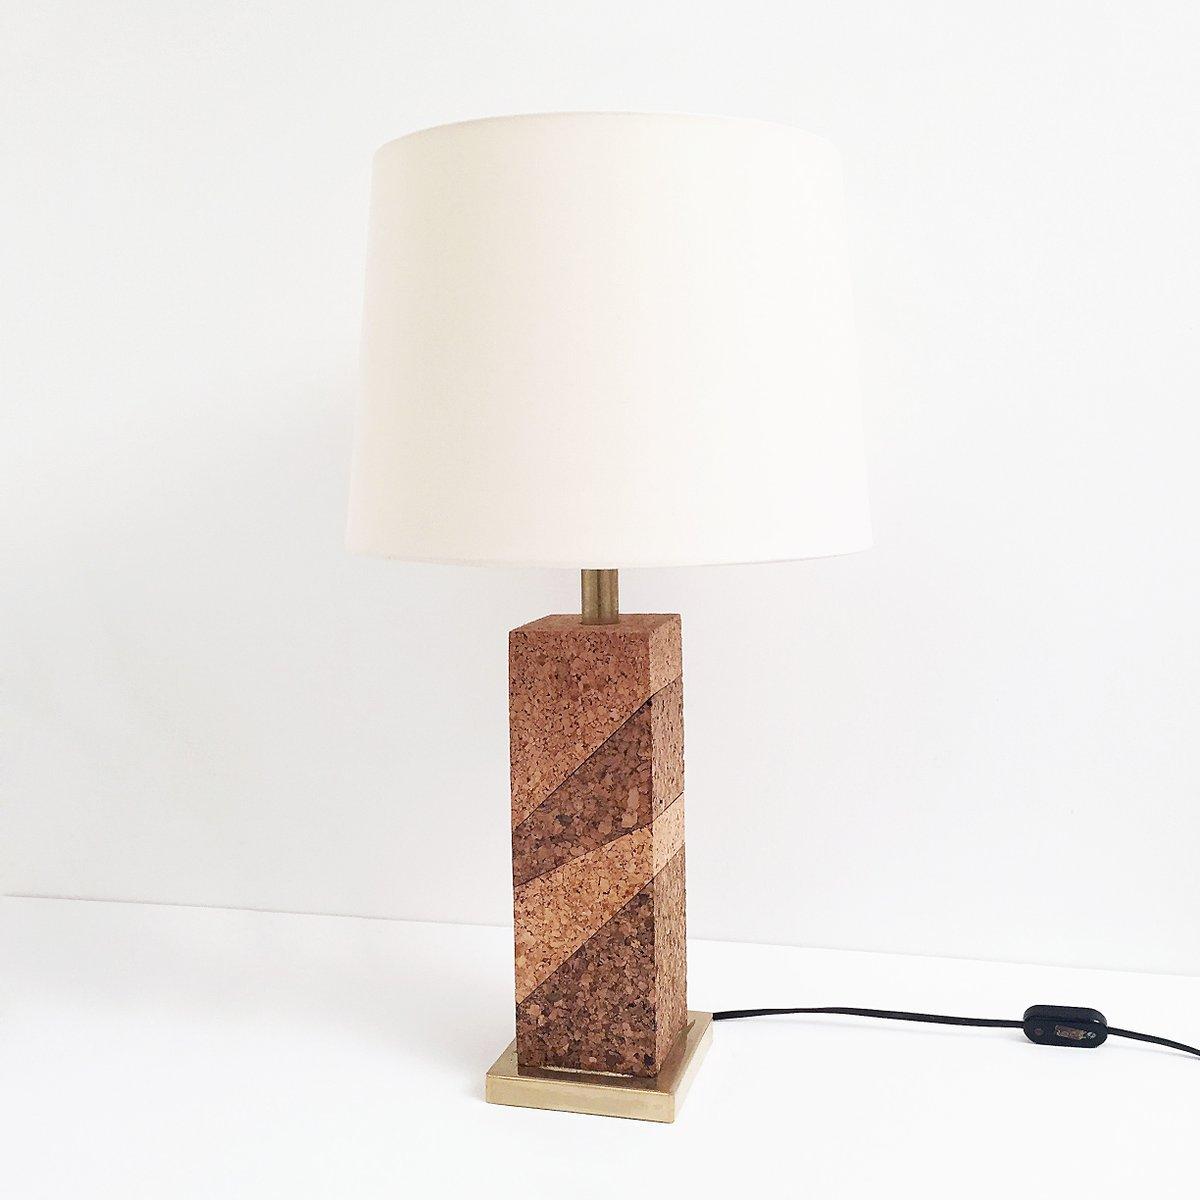 tischlampe aus korken messing 1970er bei pamono kaufen. Black Bedroom Furniture Sets. Home Design Ideas